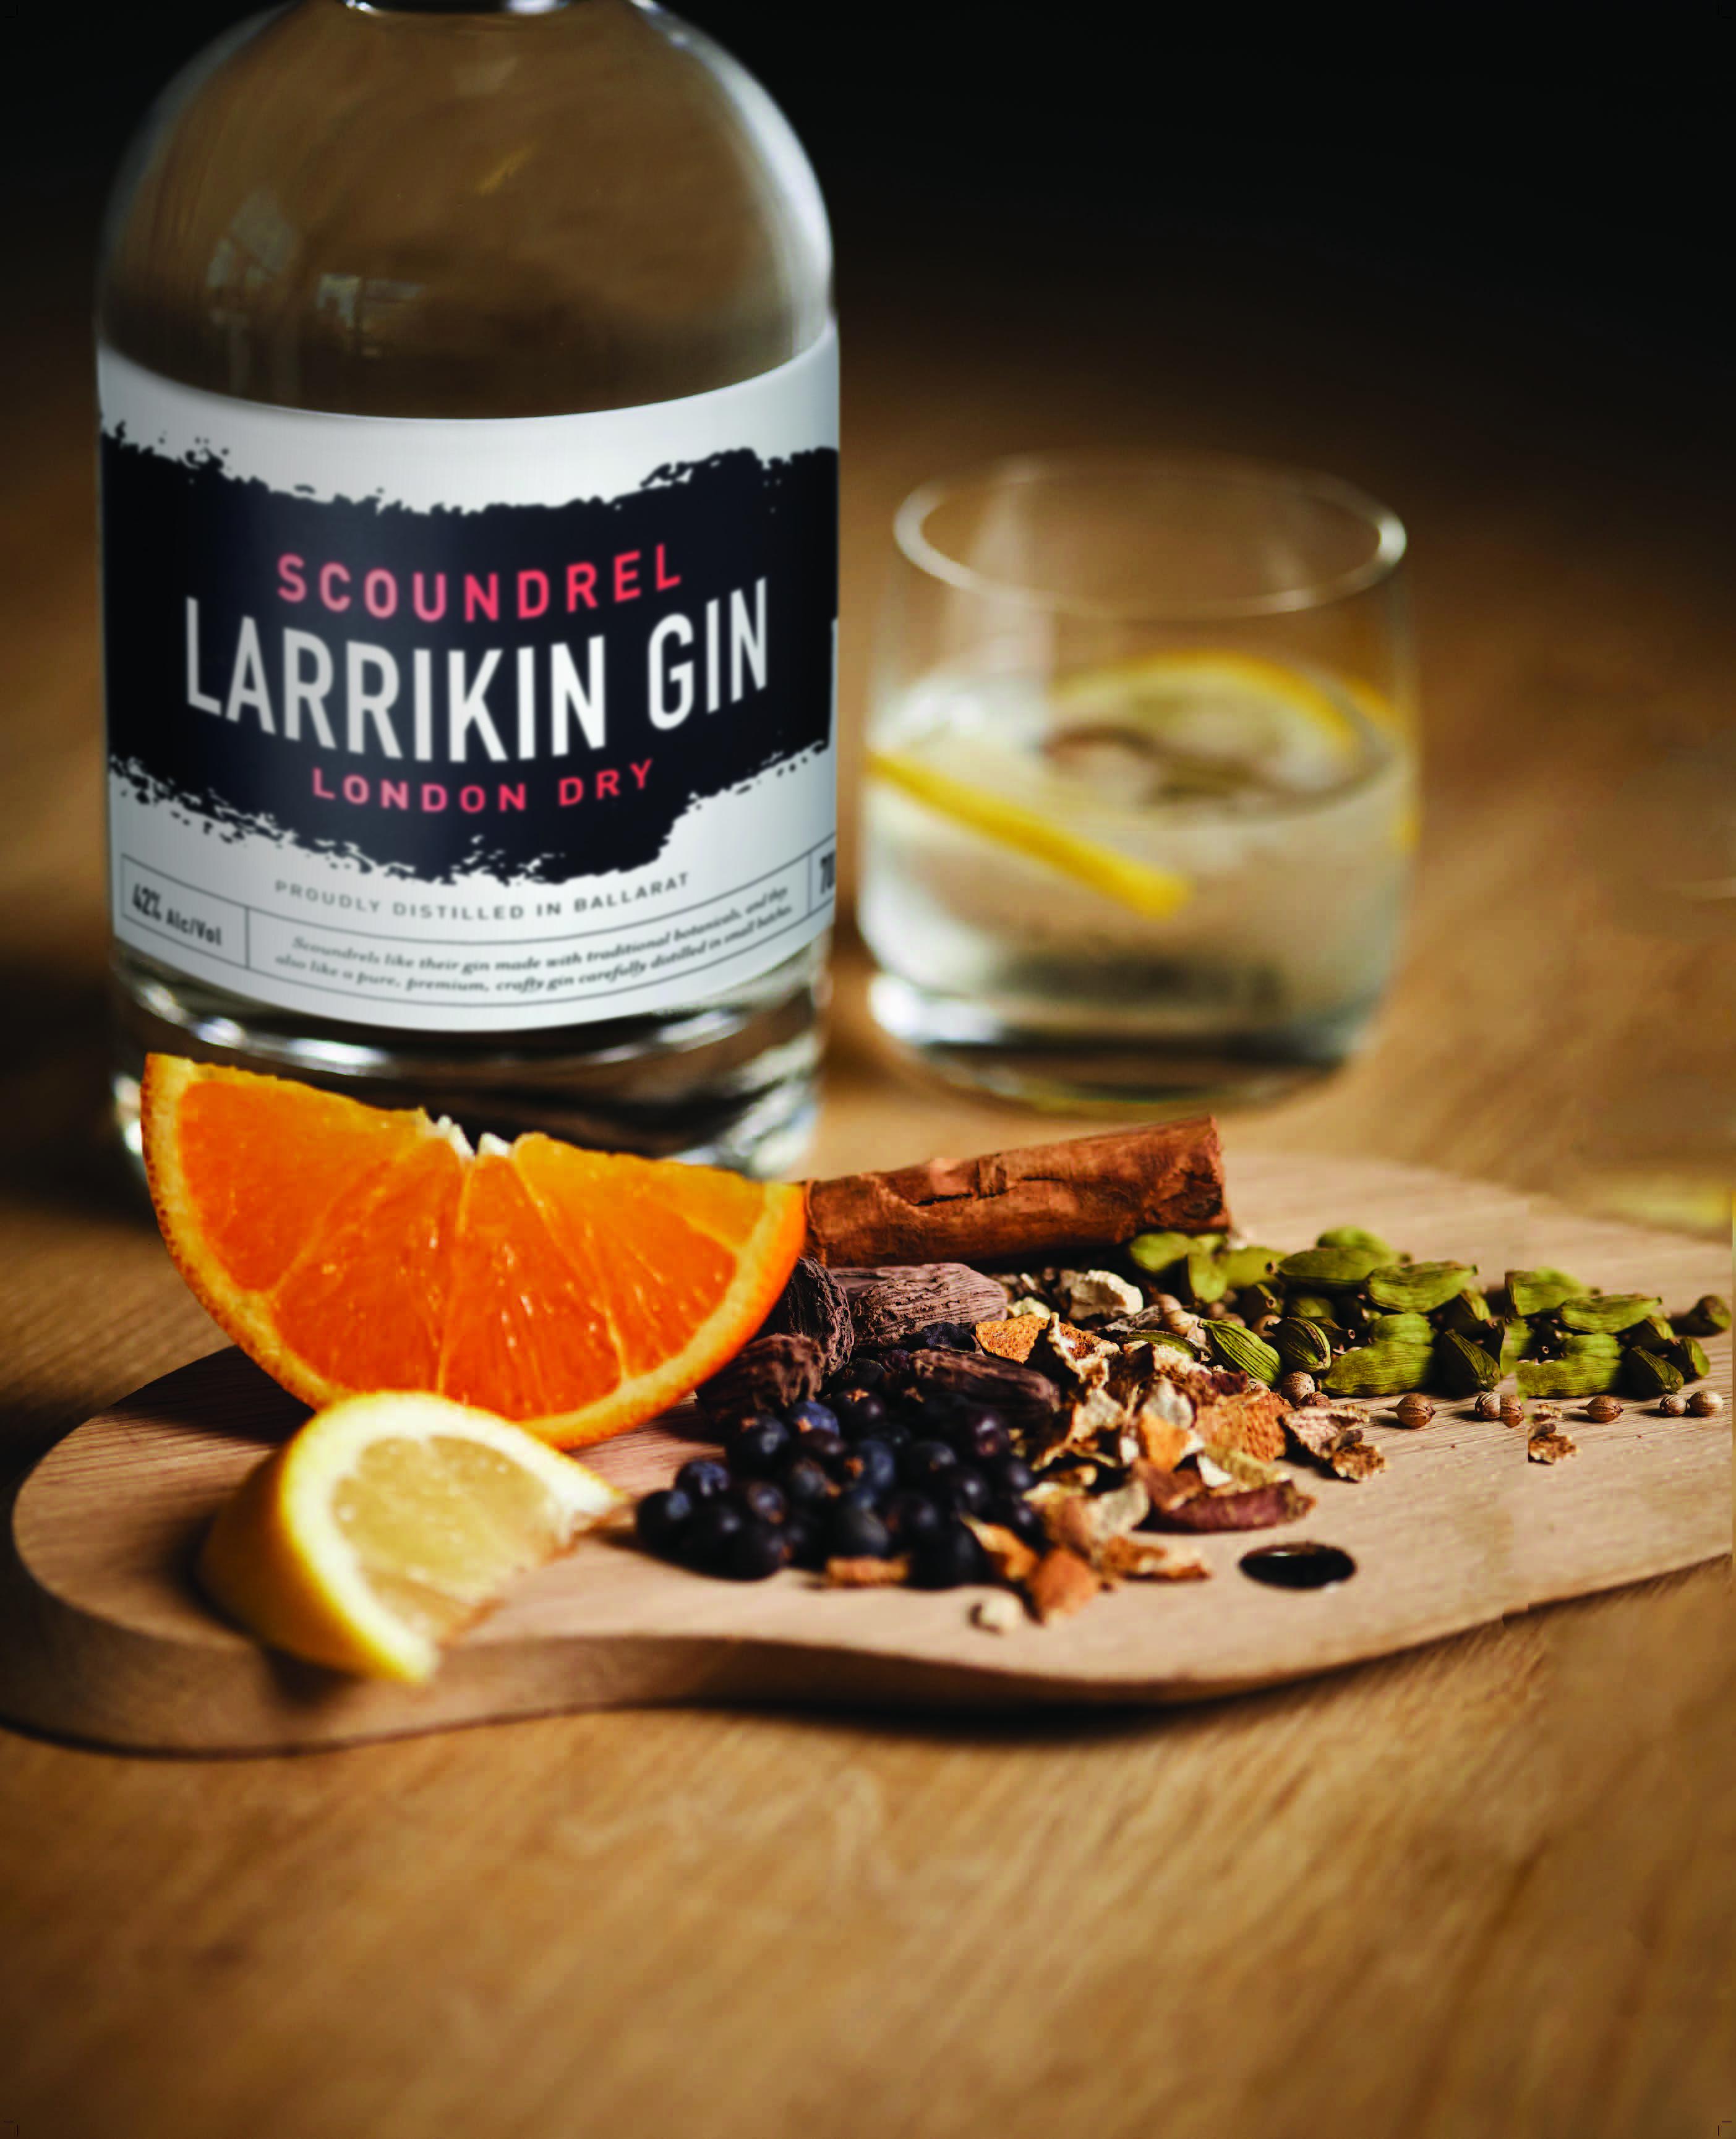 Scoundrel-Larrikin-montage